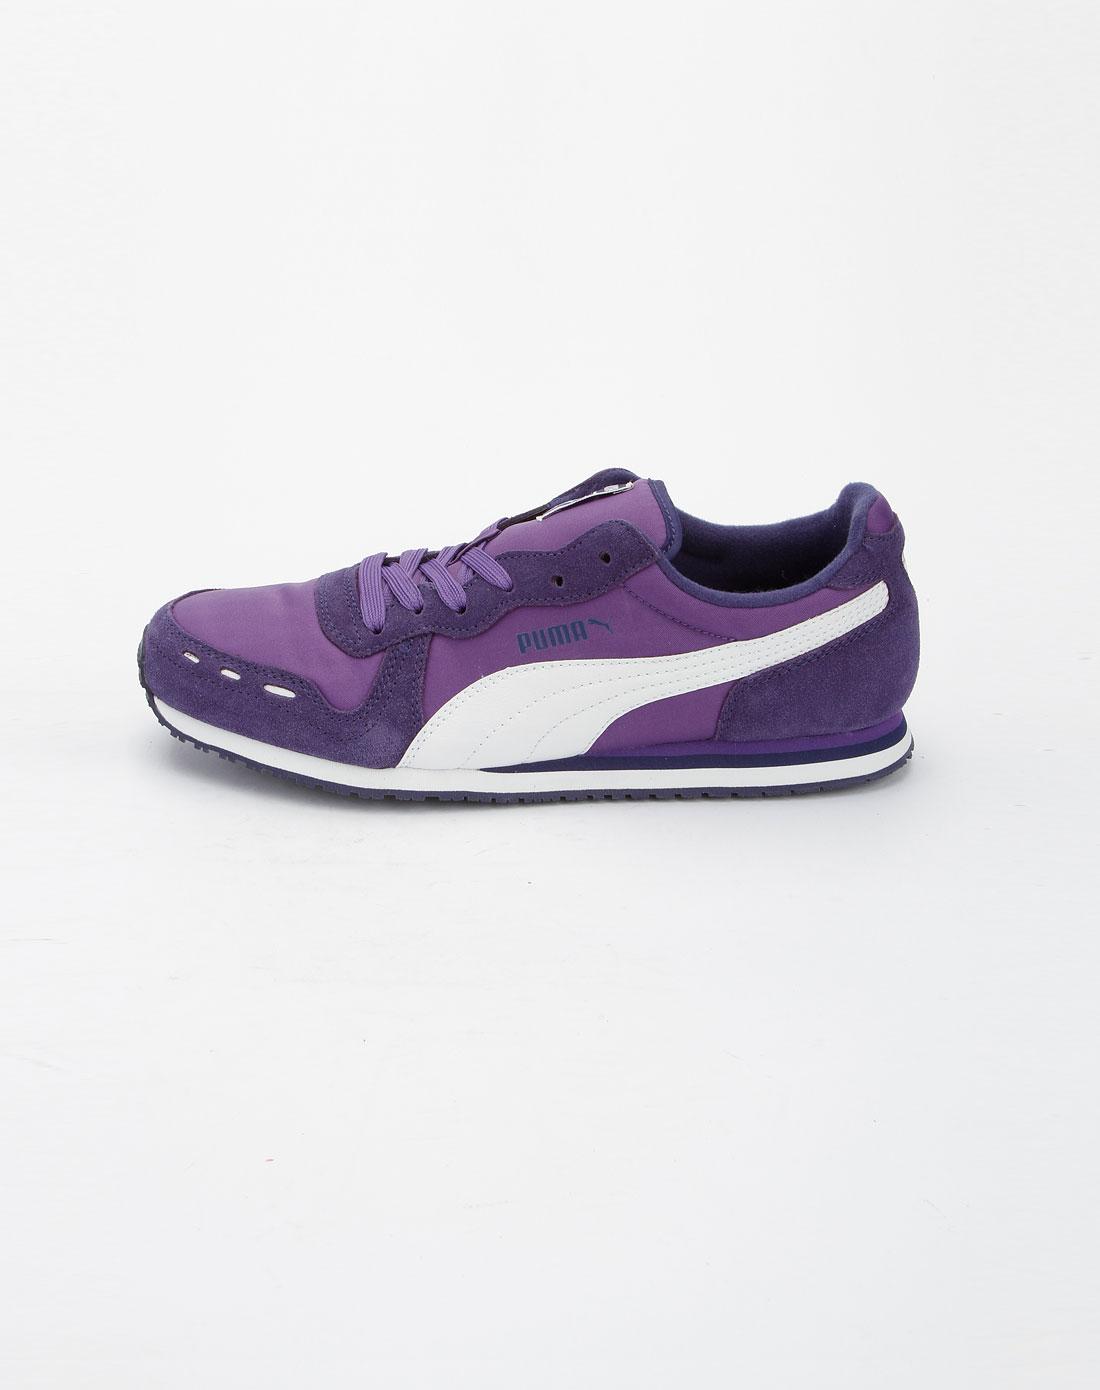 彪马puma紫色休闲透气运动鞋35254002